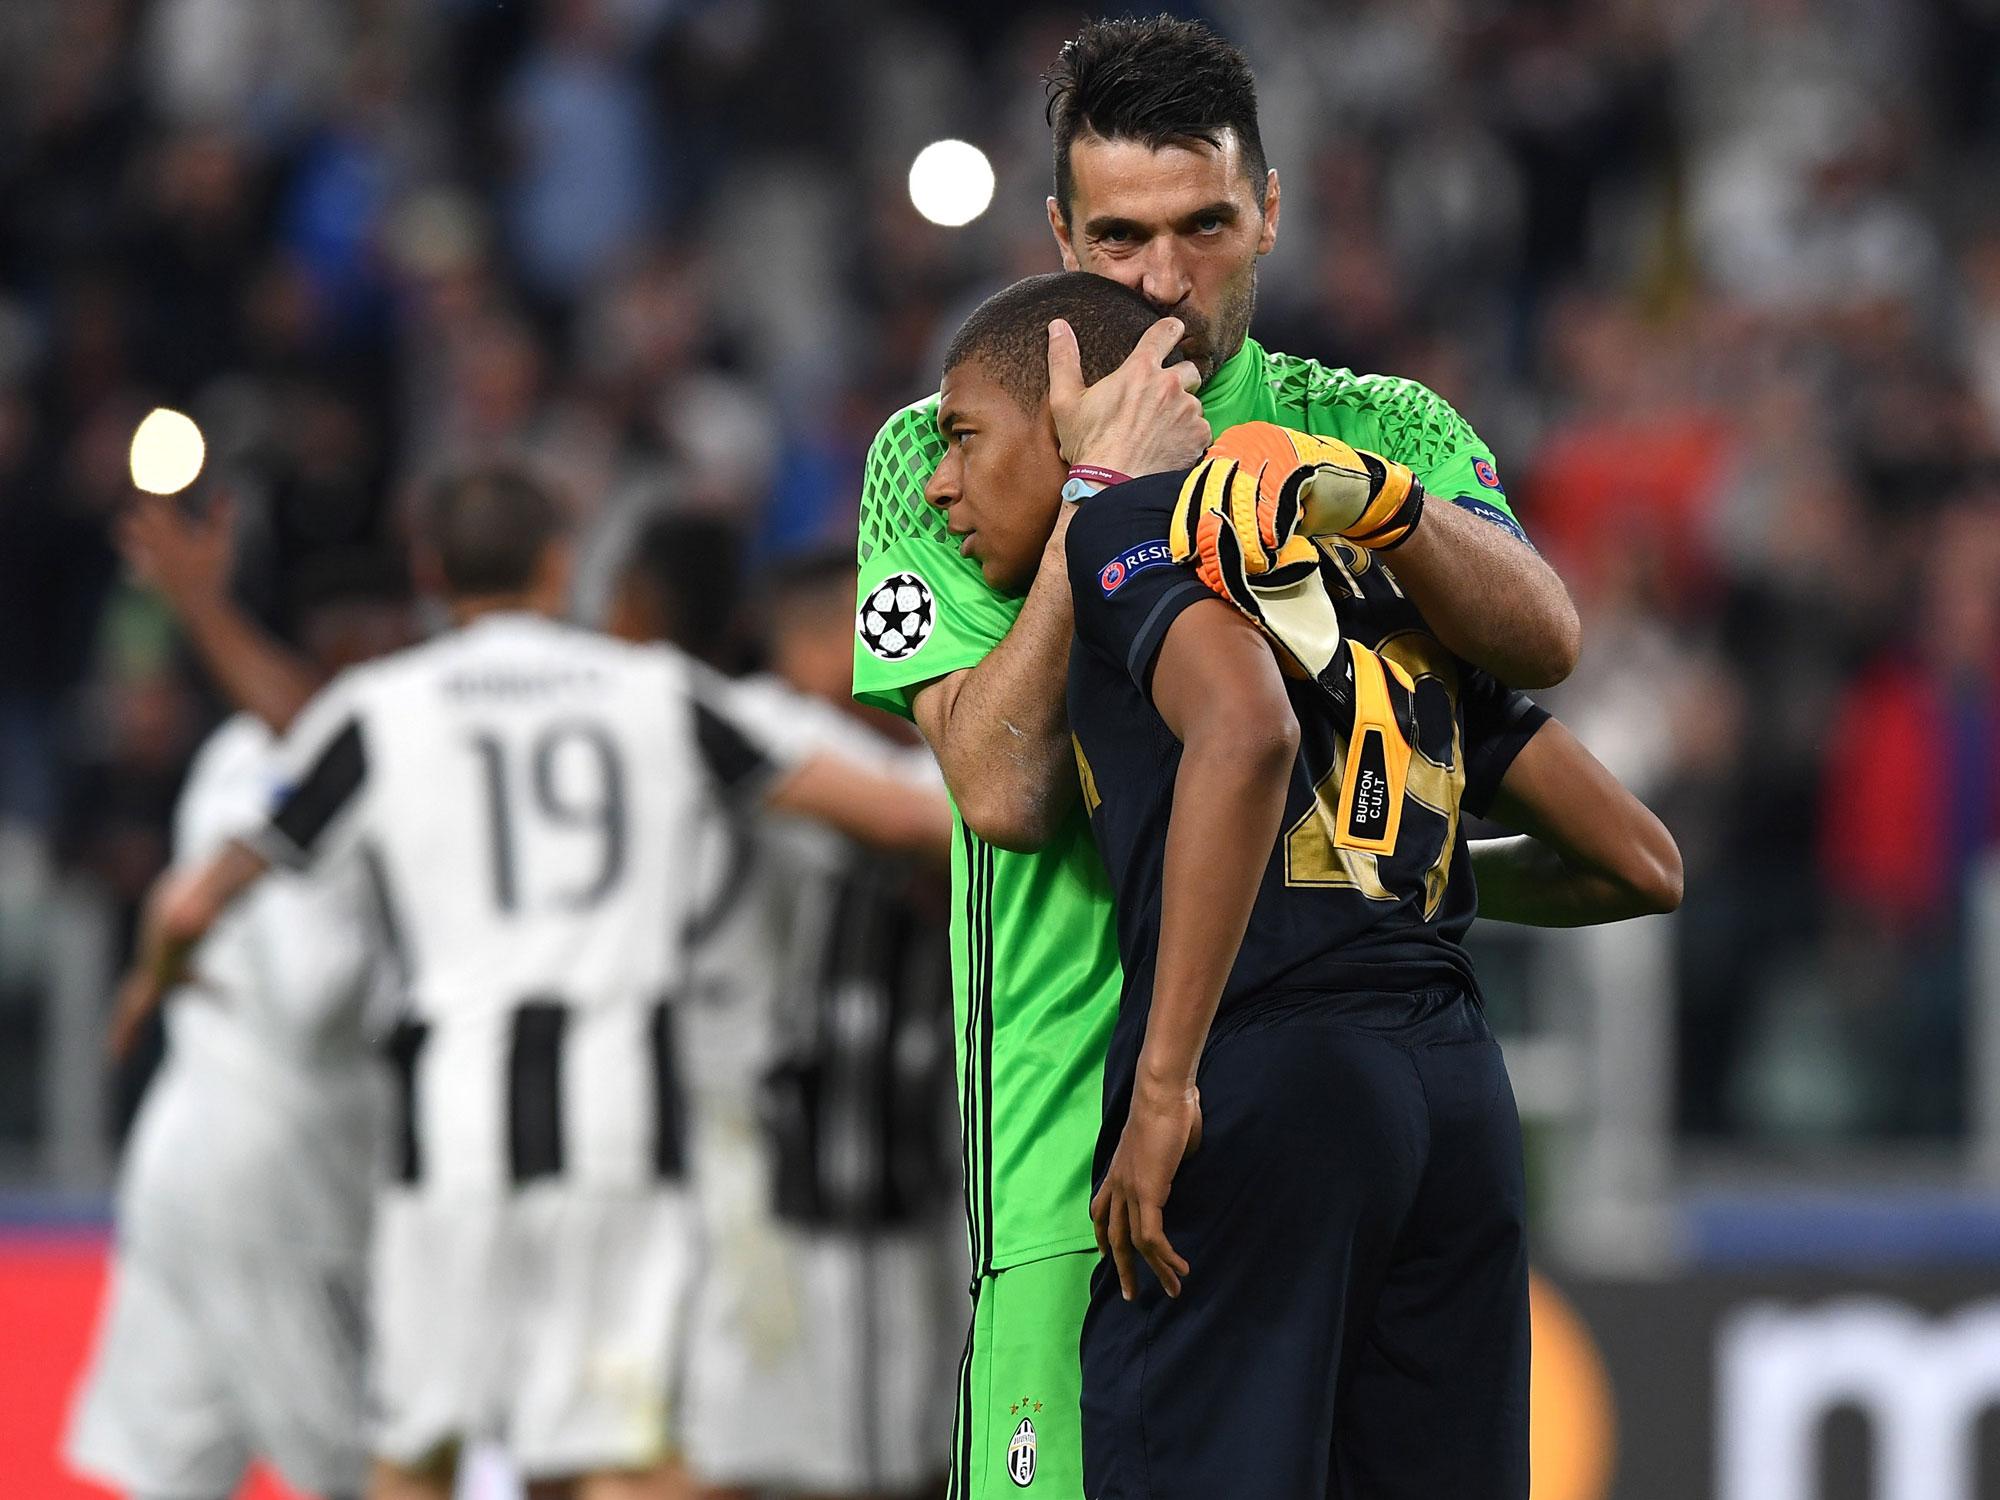 Monaco star Kylian Mbappe is embraced by Juventus goalkeeper Gianluigi Buffon